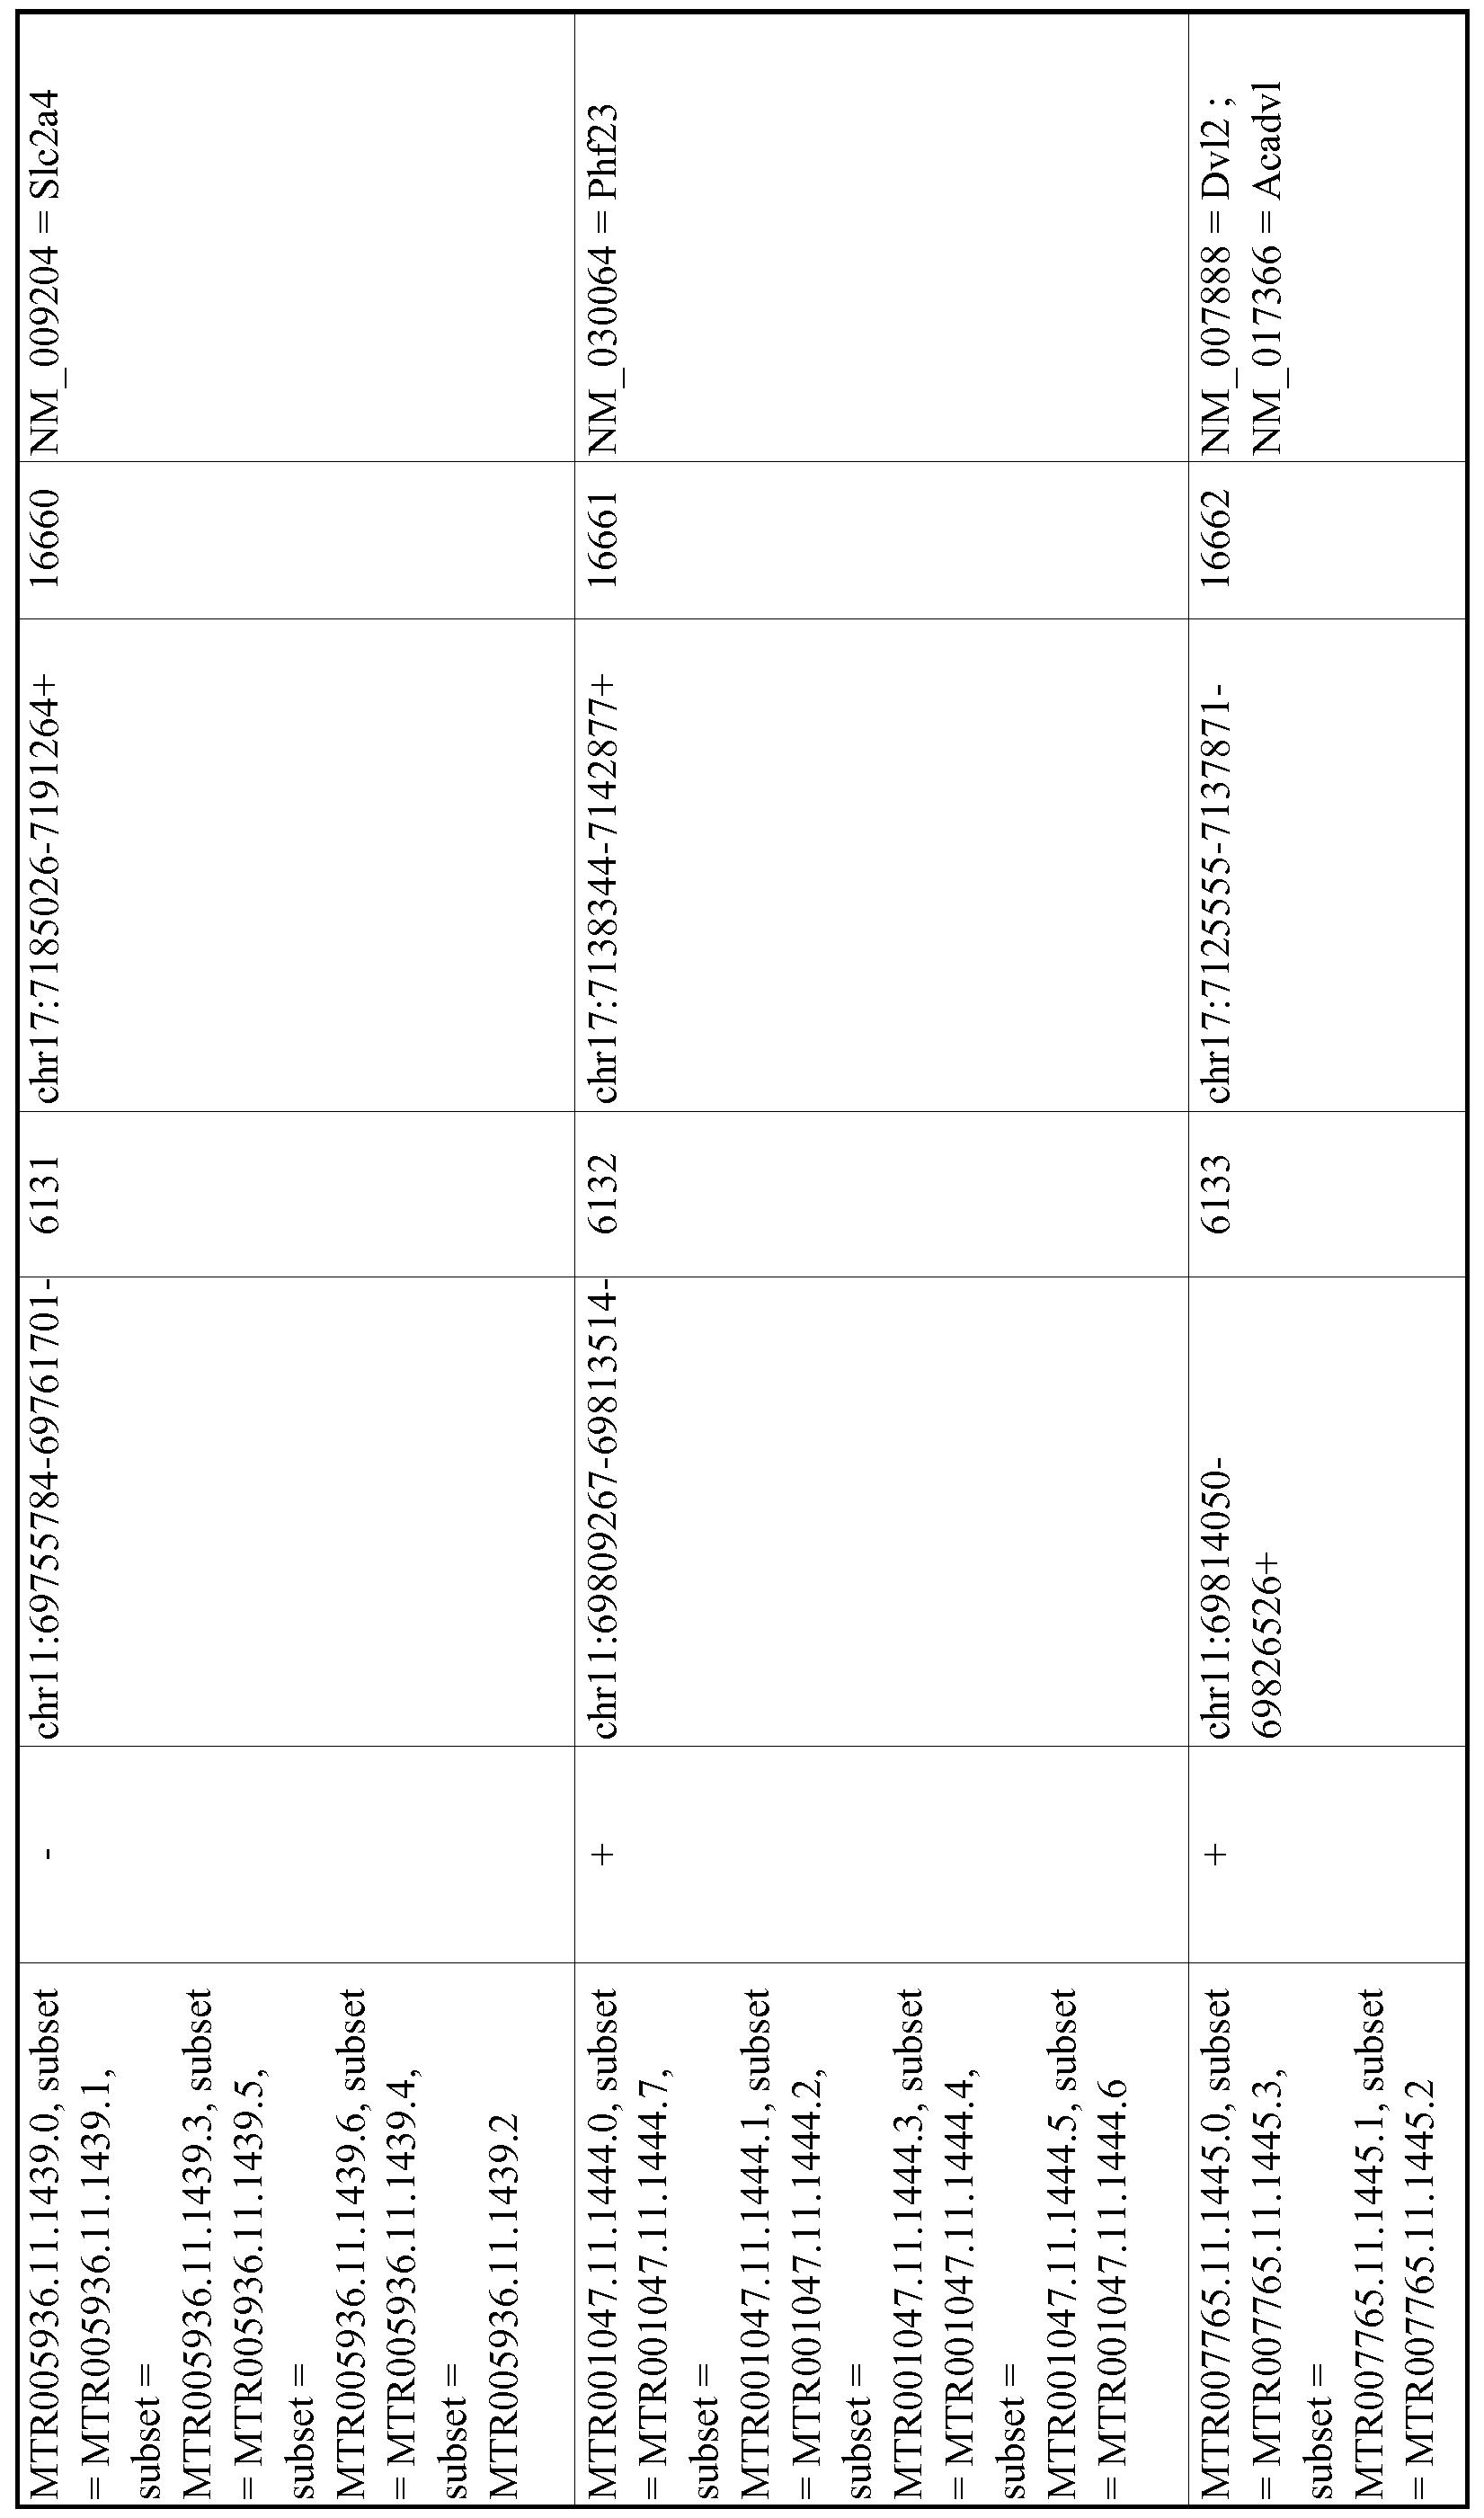 Figure imgf001103_0001